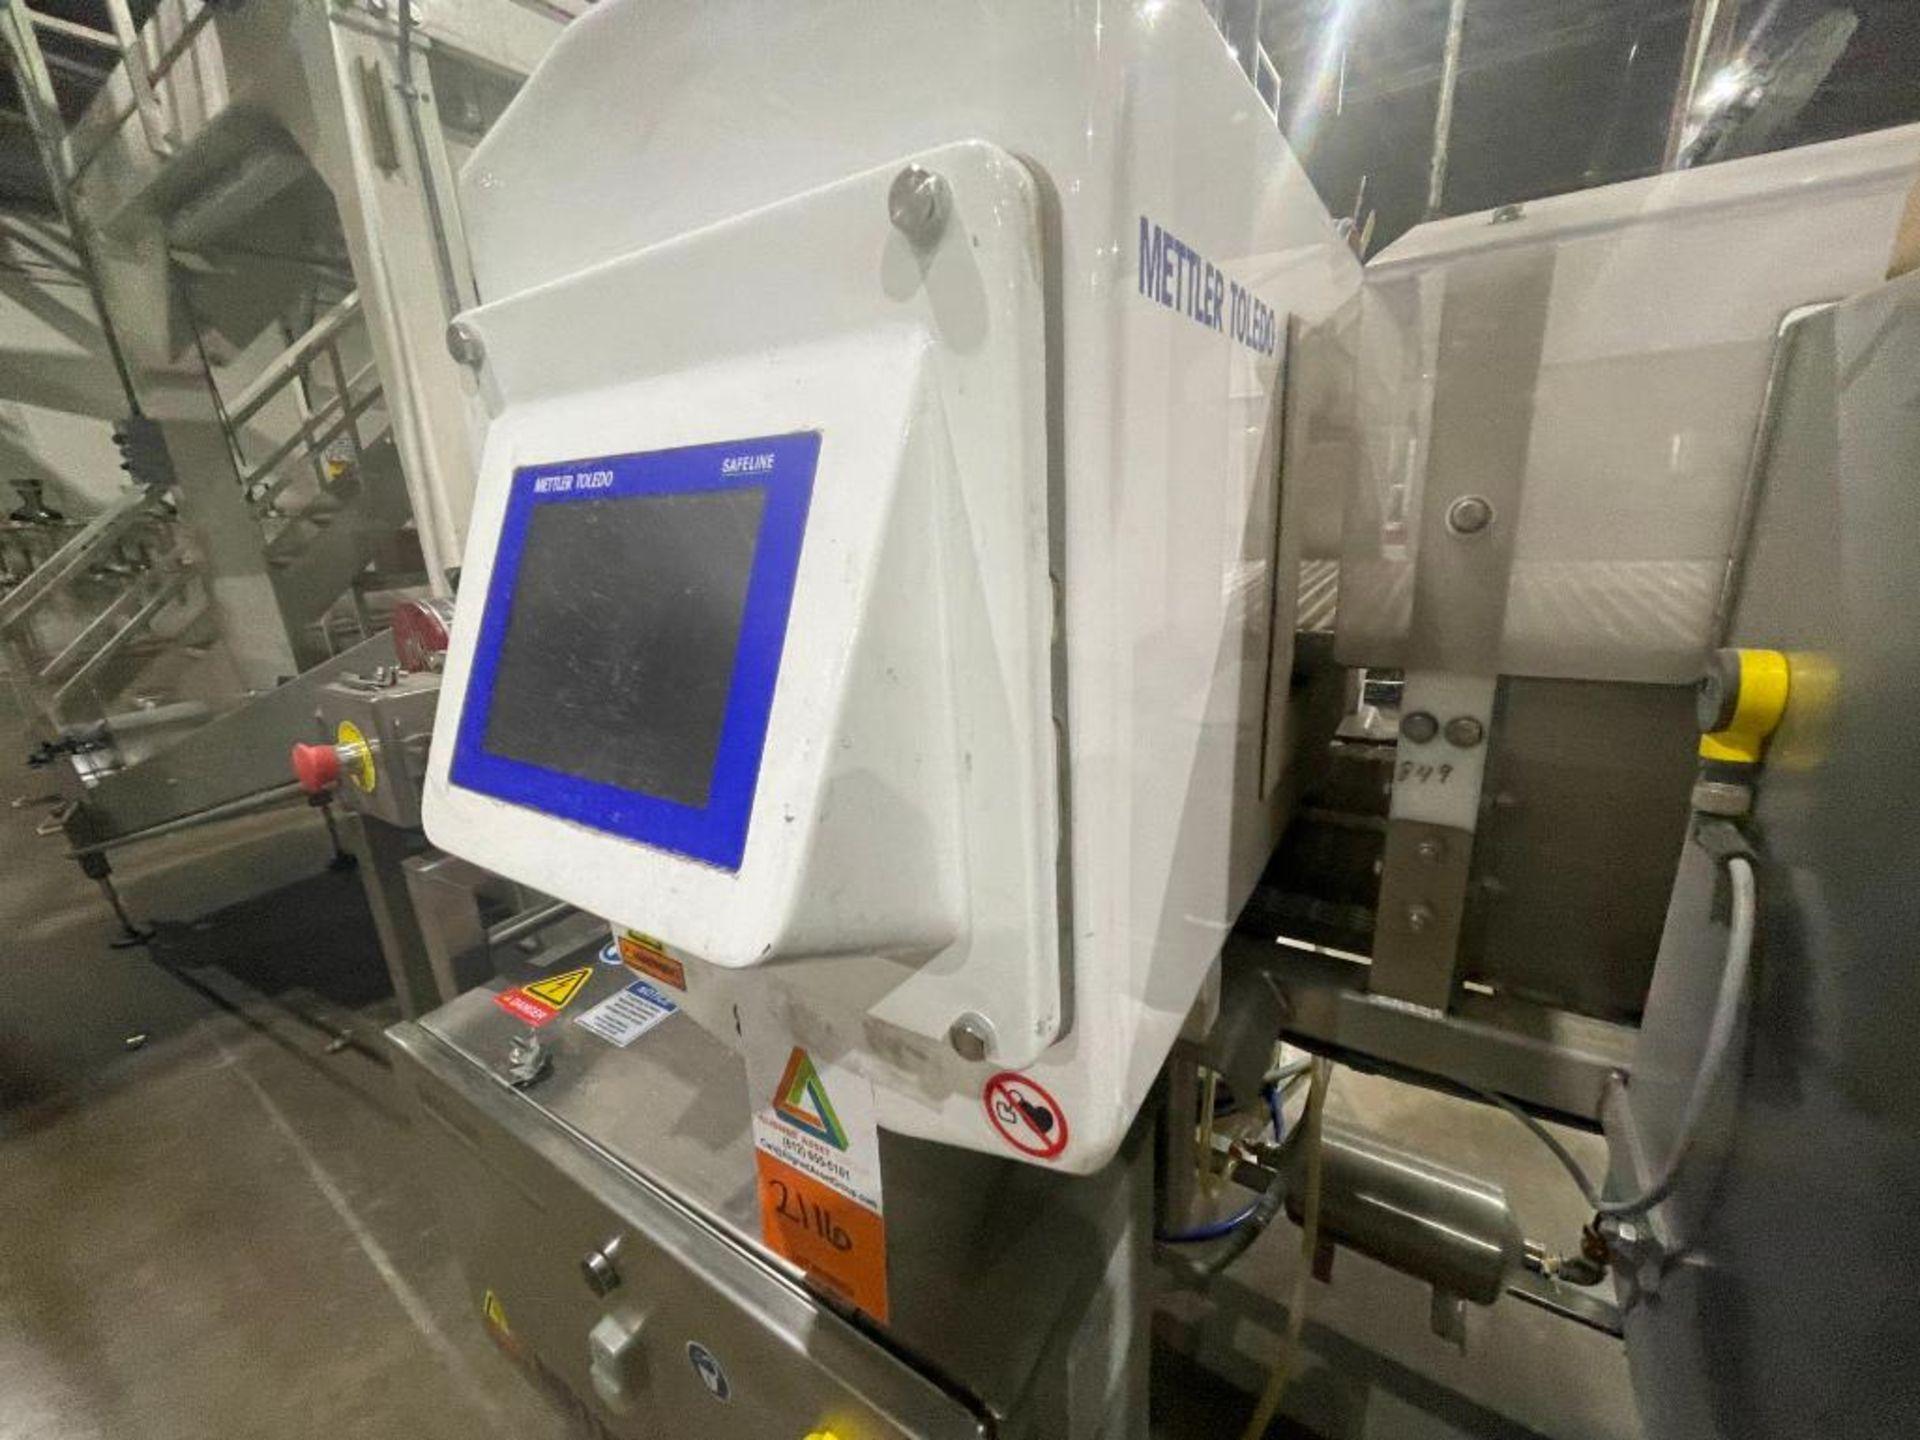 2016 Mettler Toledo metal detector, model SL1500 - Image 8 of 15